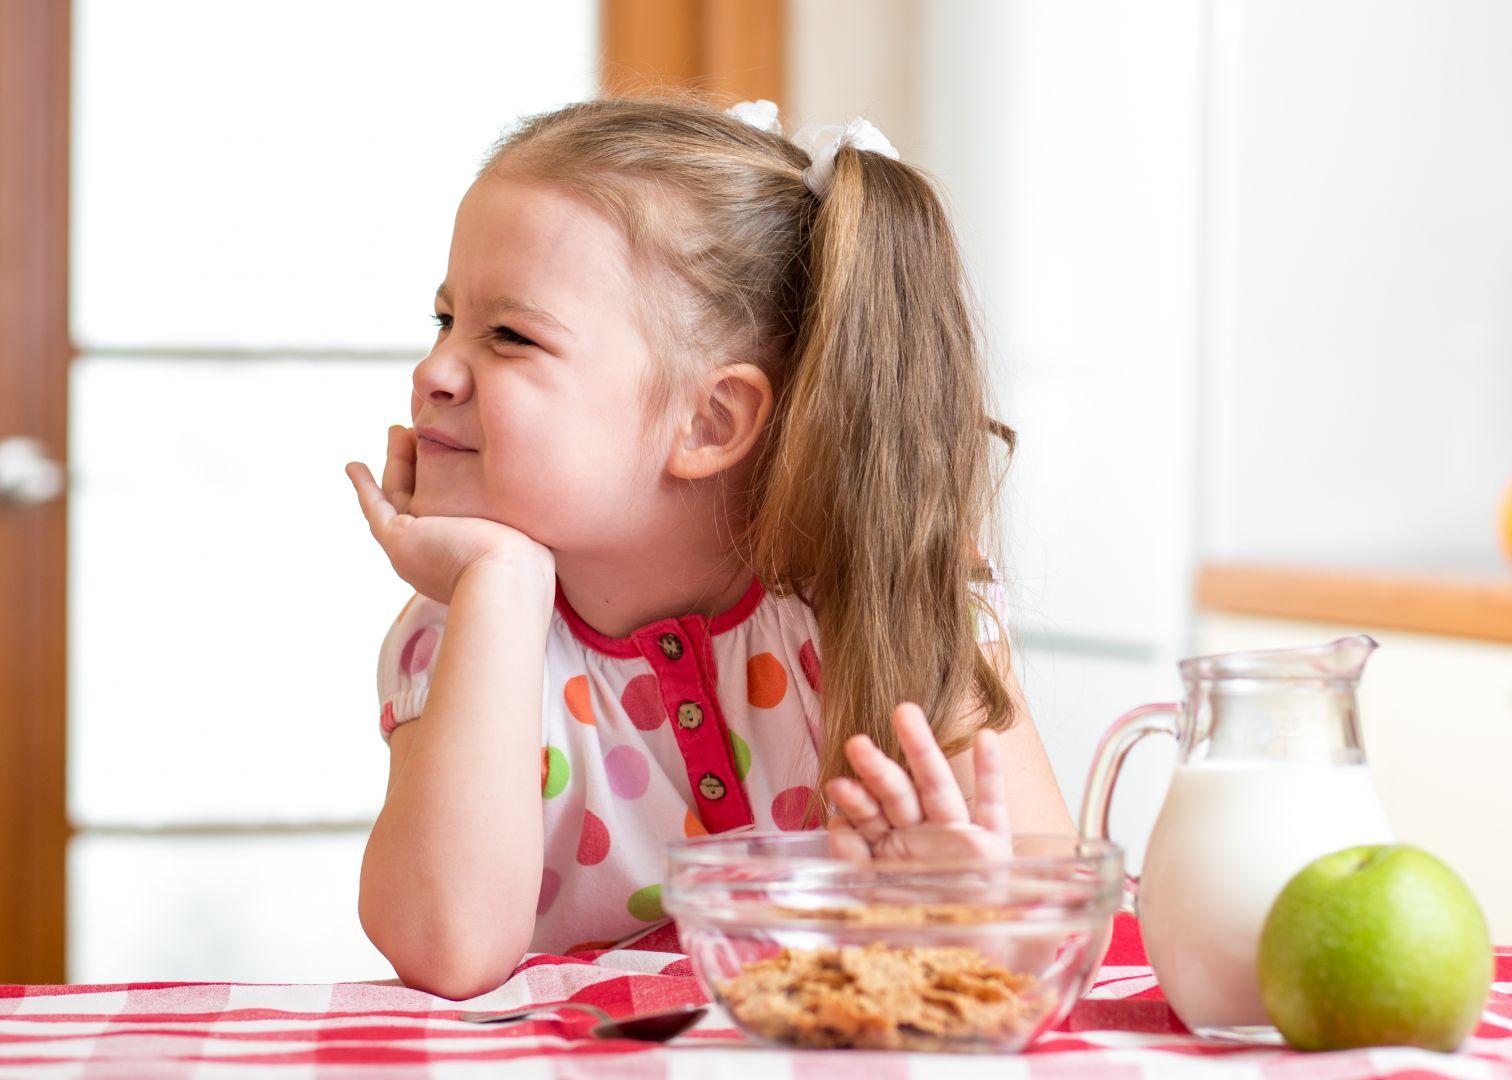 女孩反覆拒食暴食!飲食障礙症竟是童年「餐桌規定」造成 | Heho健康